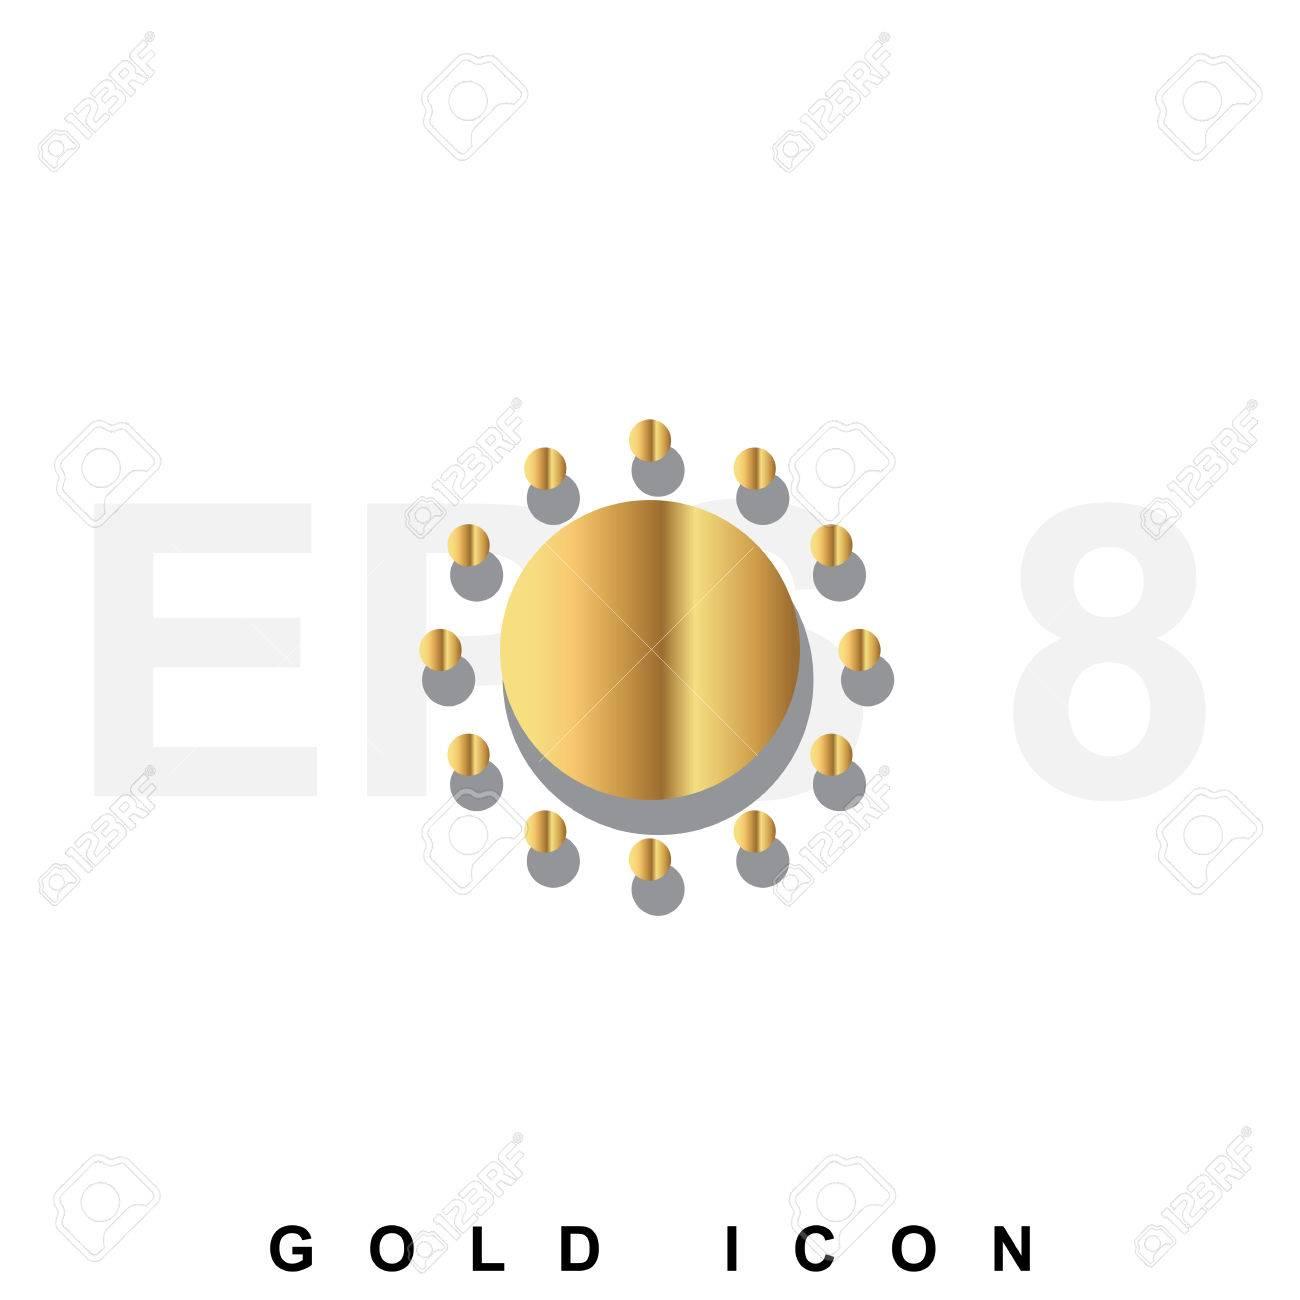 hight resolution of foto de archivo golden icono prima de sun plantilla de elemento de dise o gr fico web vector s mbolo de lujo real para los negocios internet